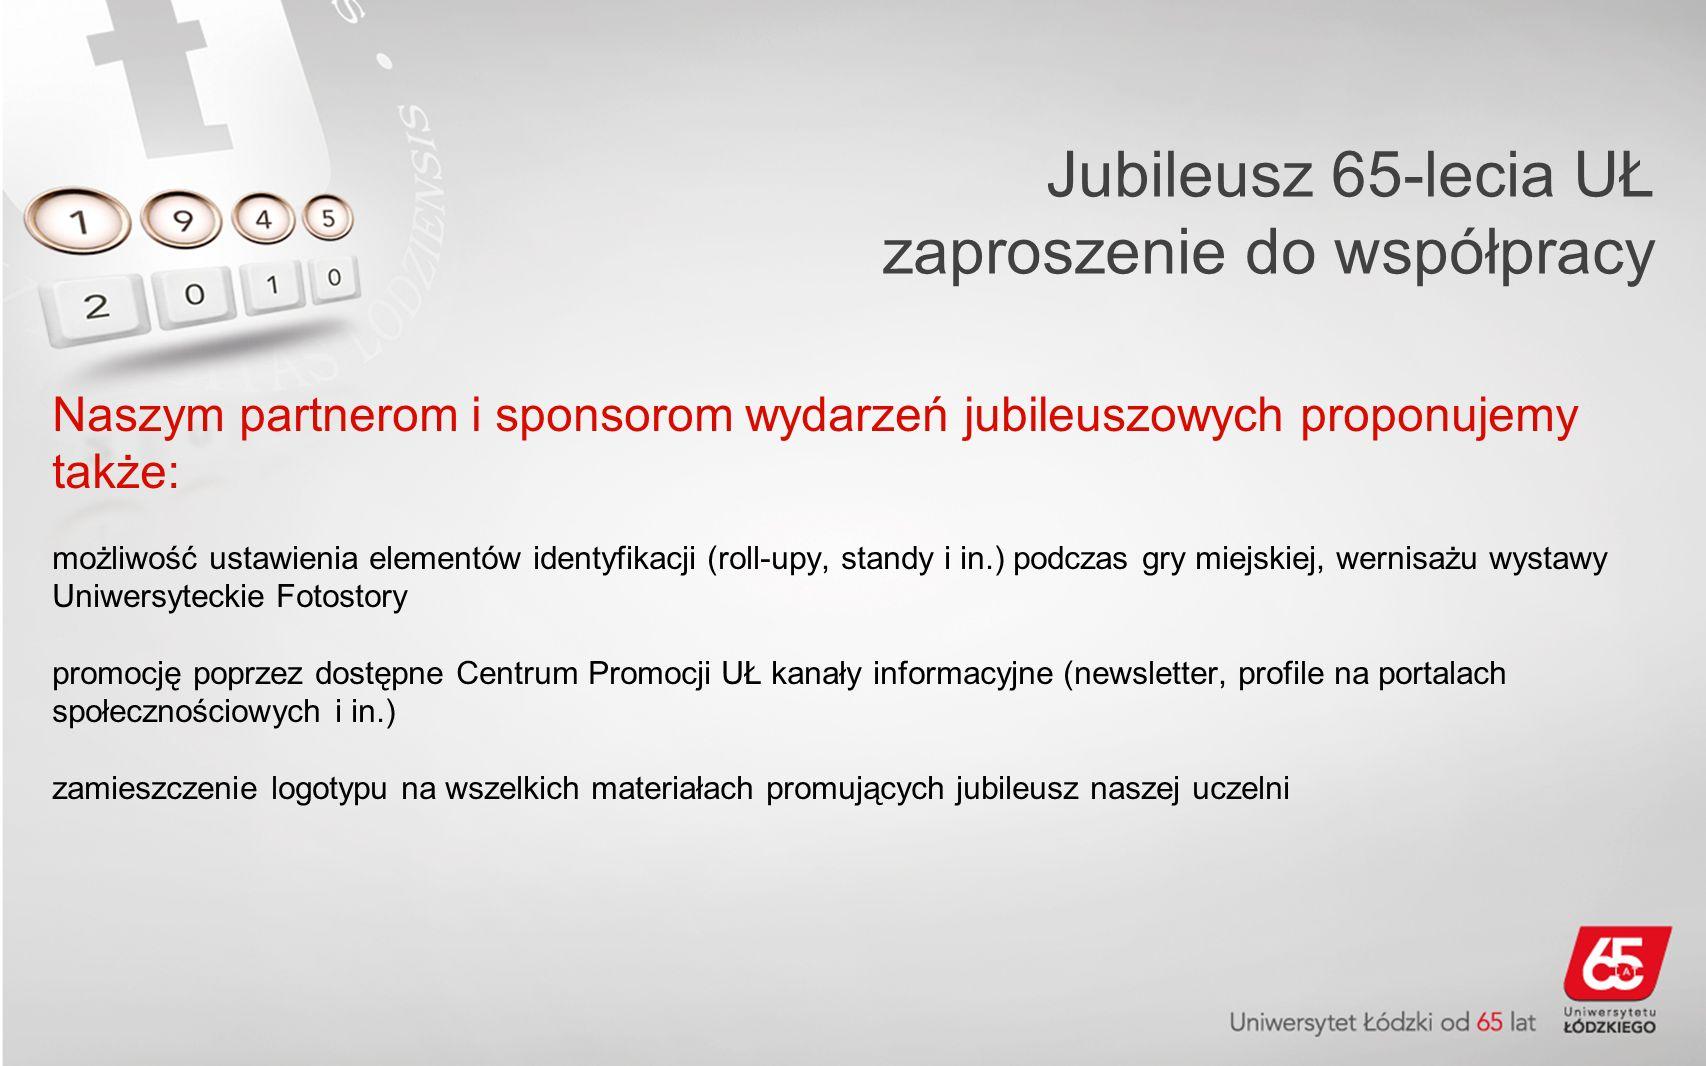 Jubileusz 65 Lecia Uł Zaproszenie Do Współpracy Szanowni Państwo